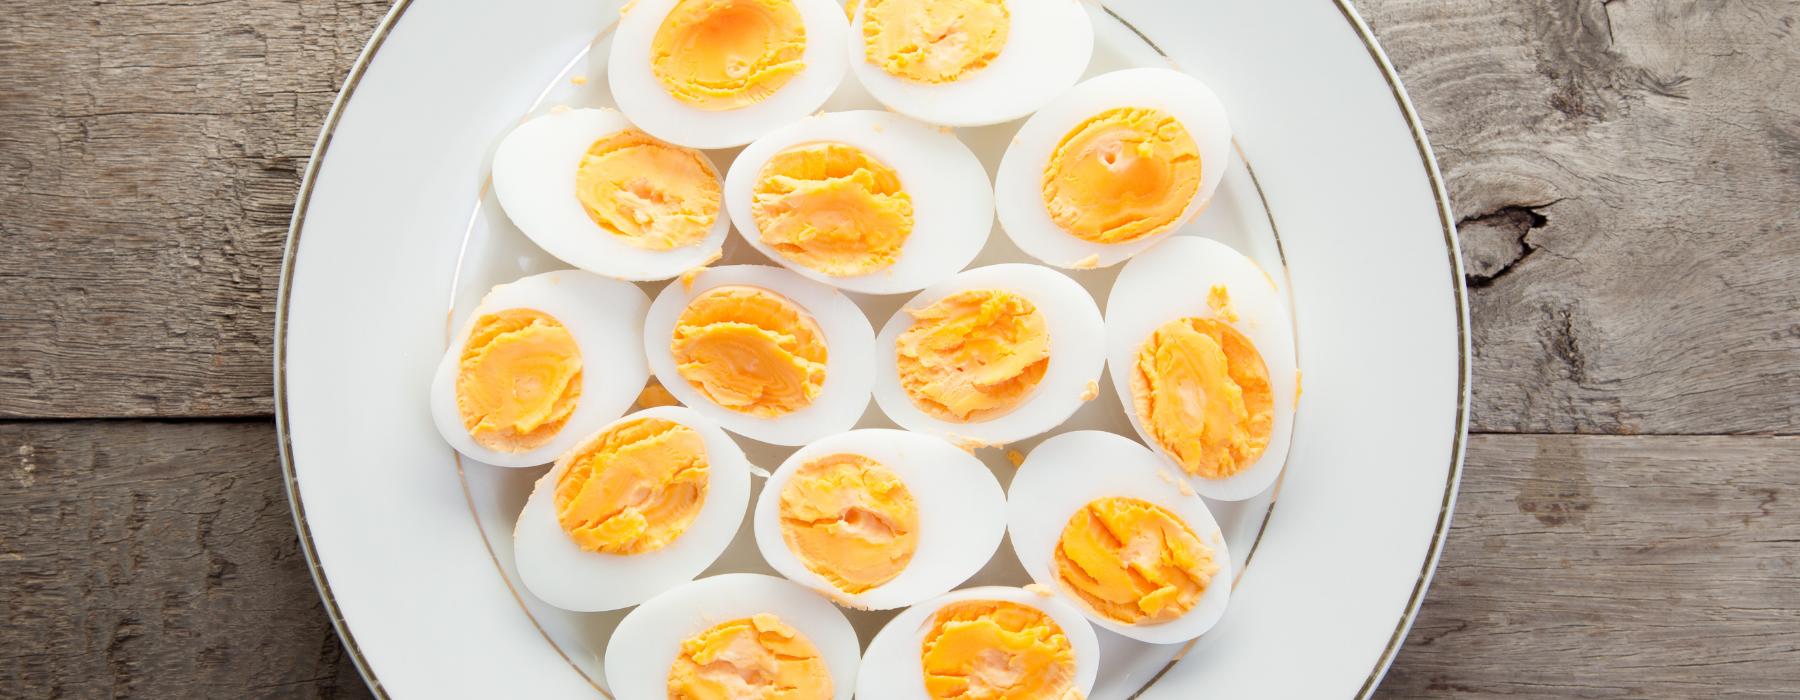 яйца на диете 11